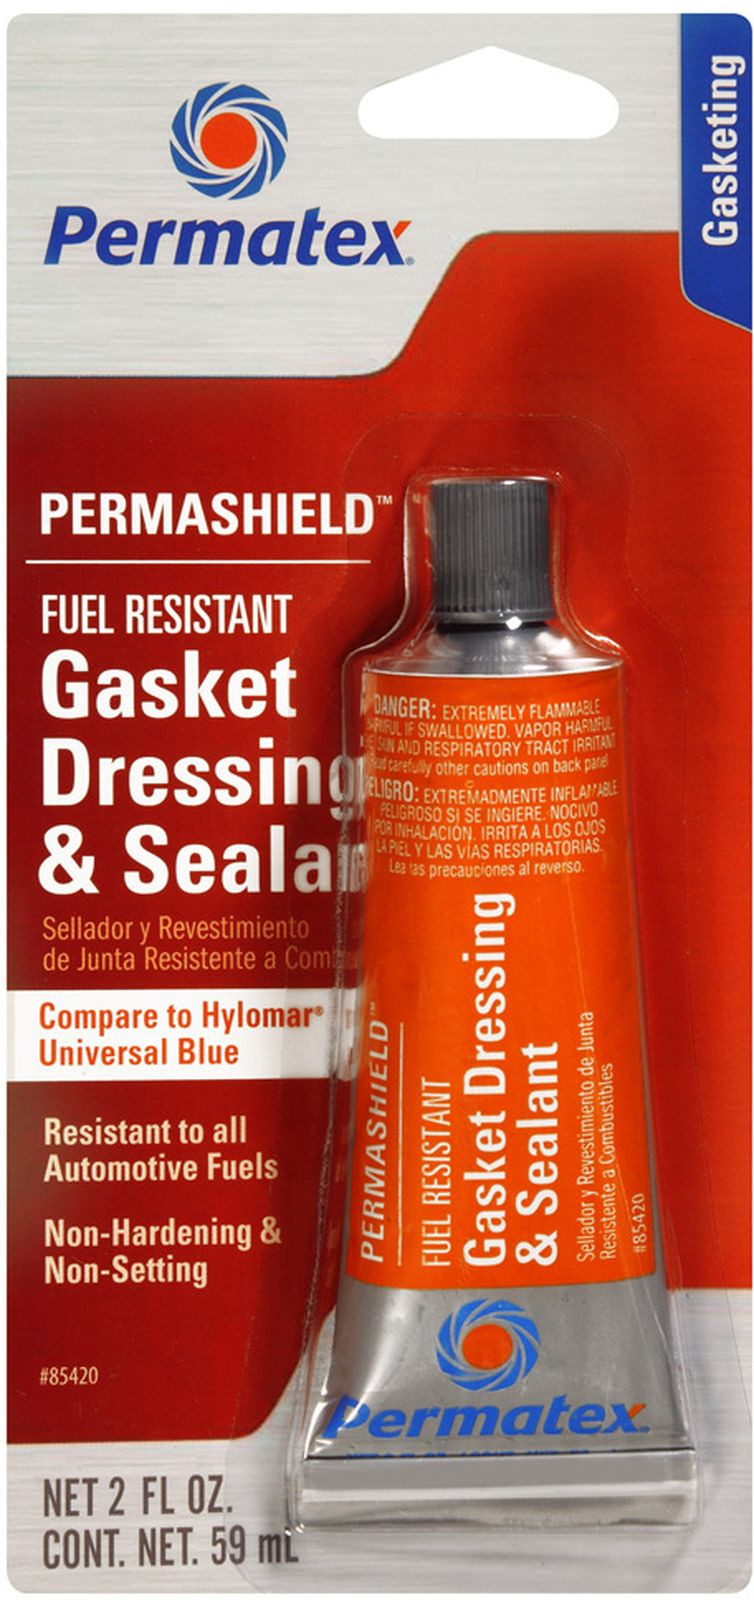 Уплотнитель прокладок Permatex, бензостойкий, 59 мл 770044 насос топливный era характеристики